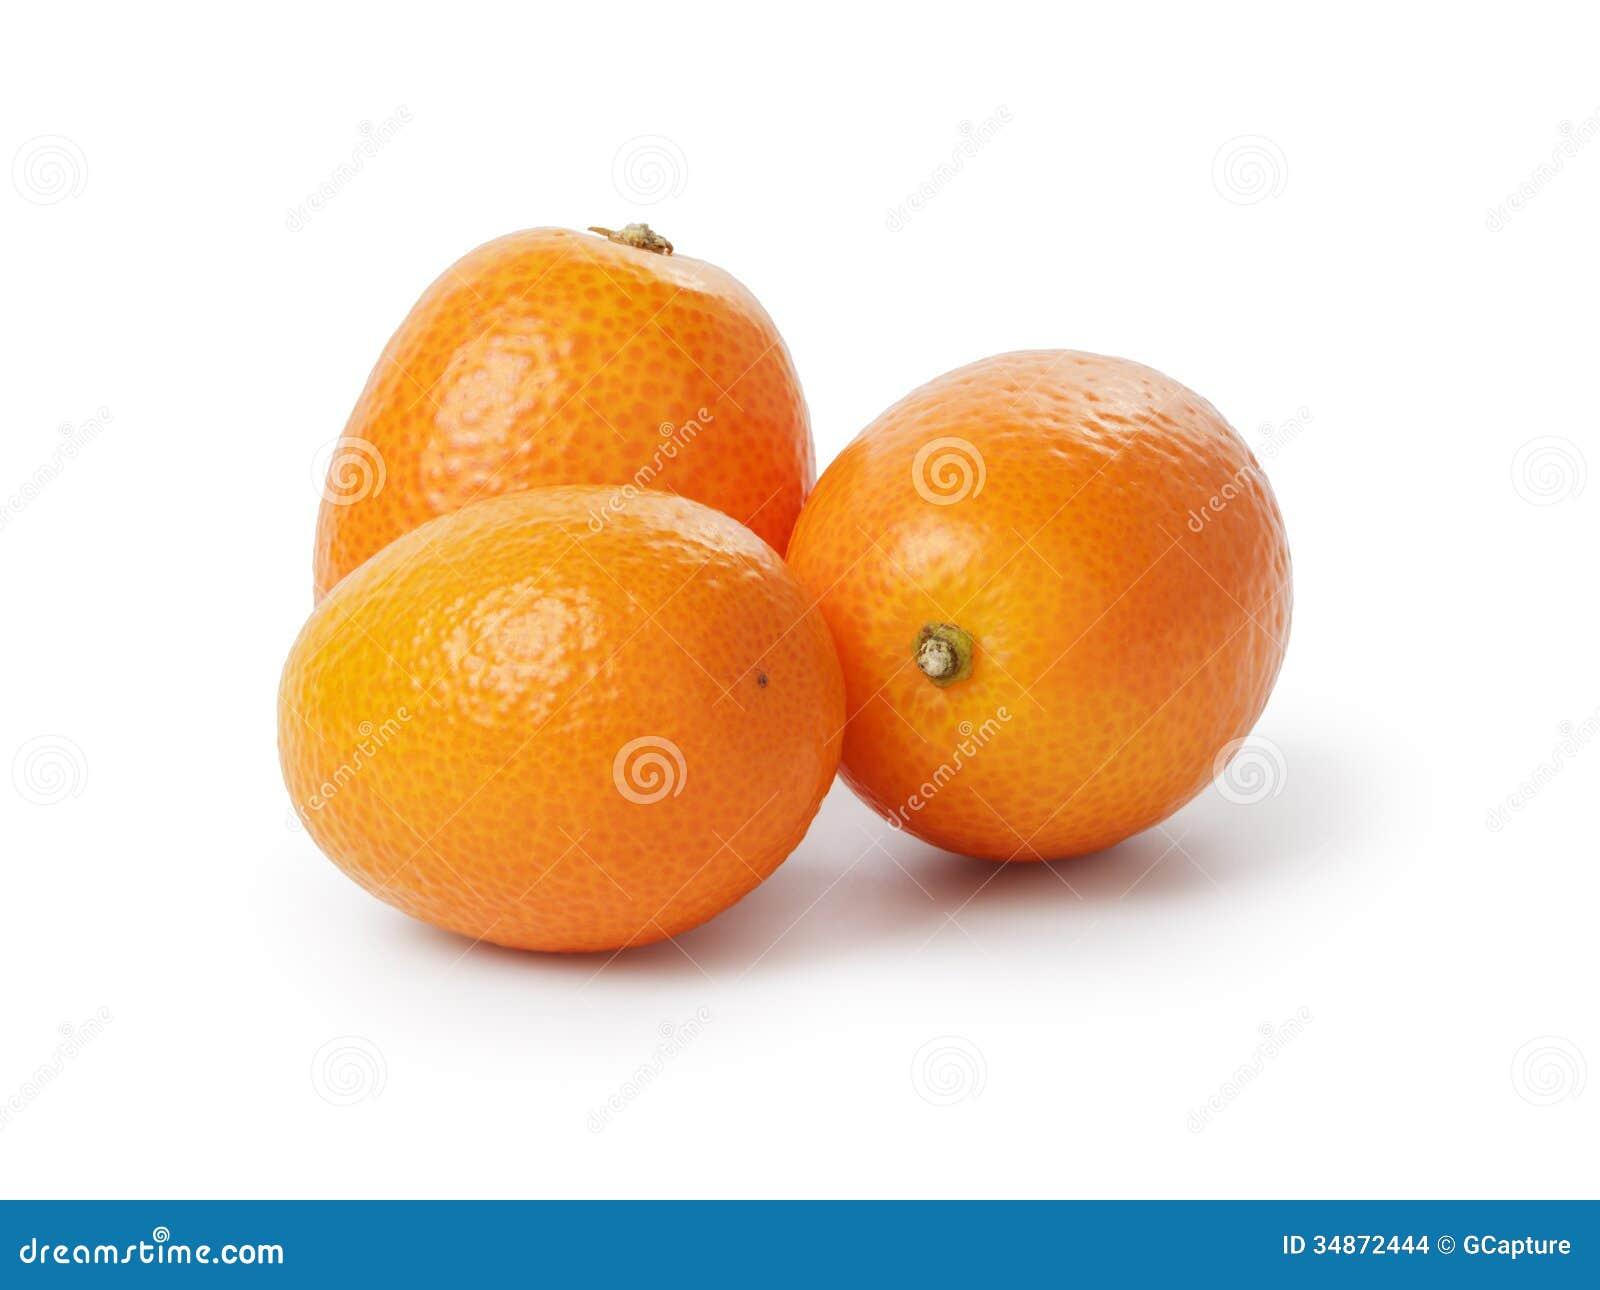 Pictures Of The Kumquat Fruit